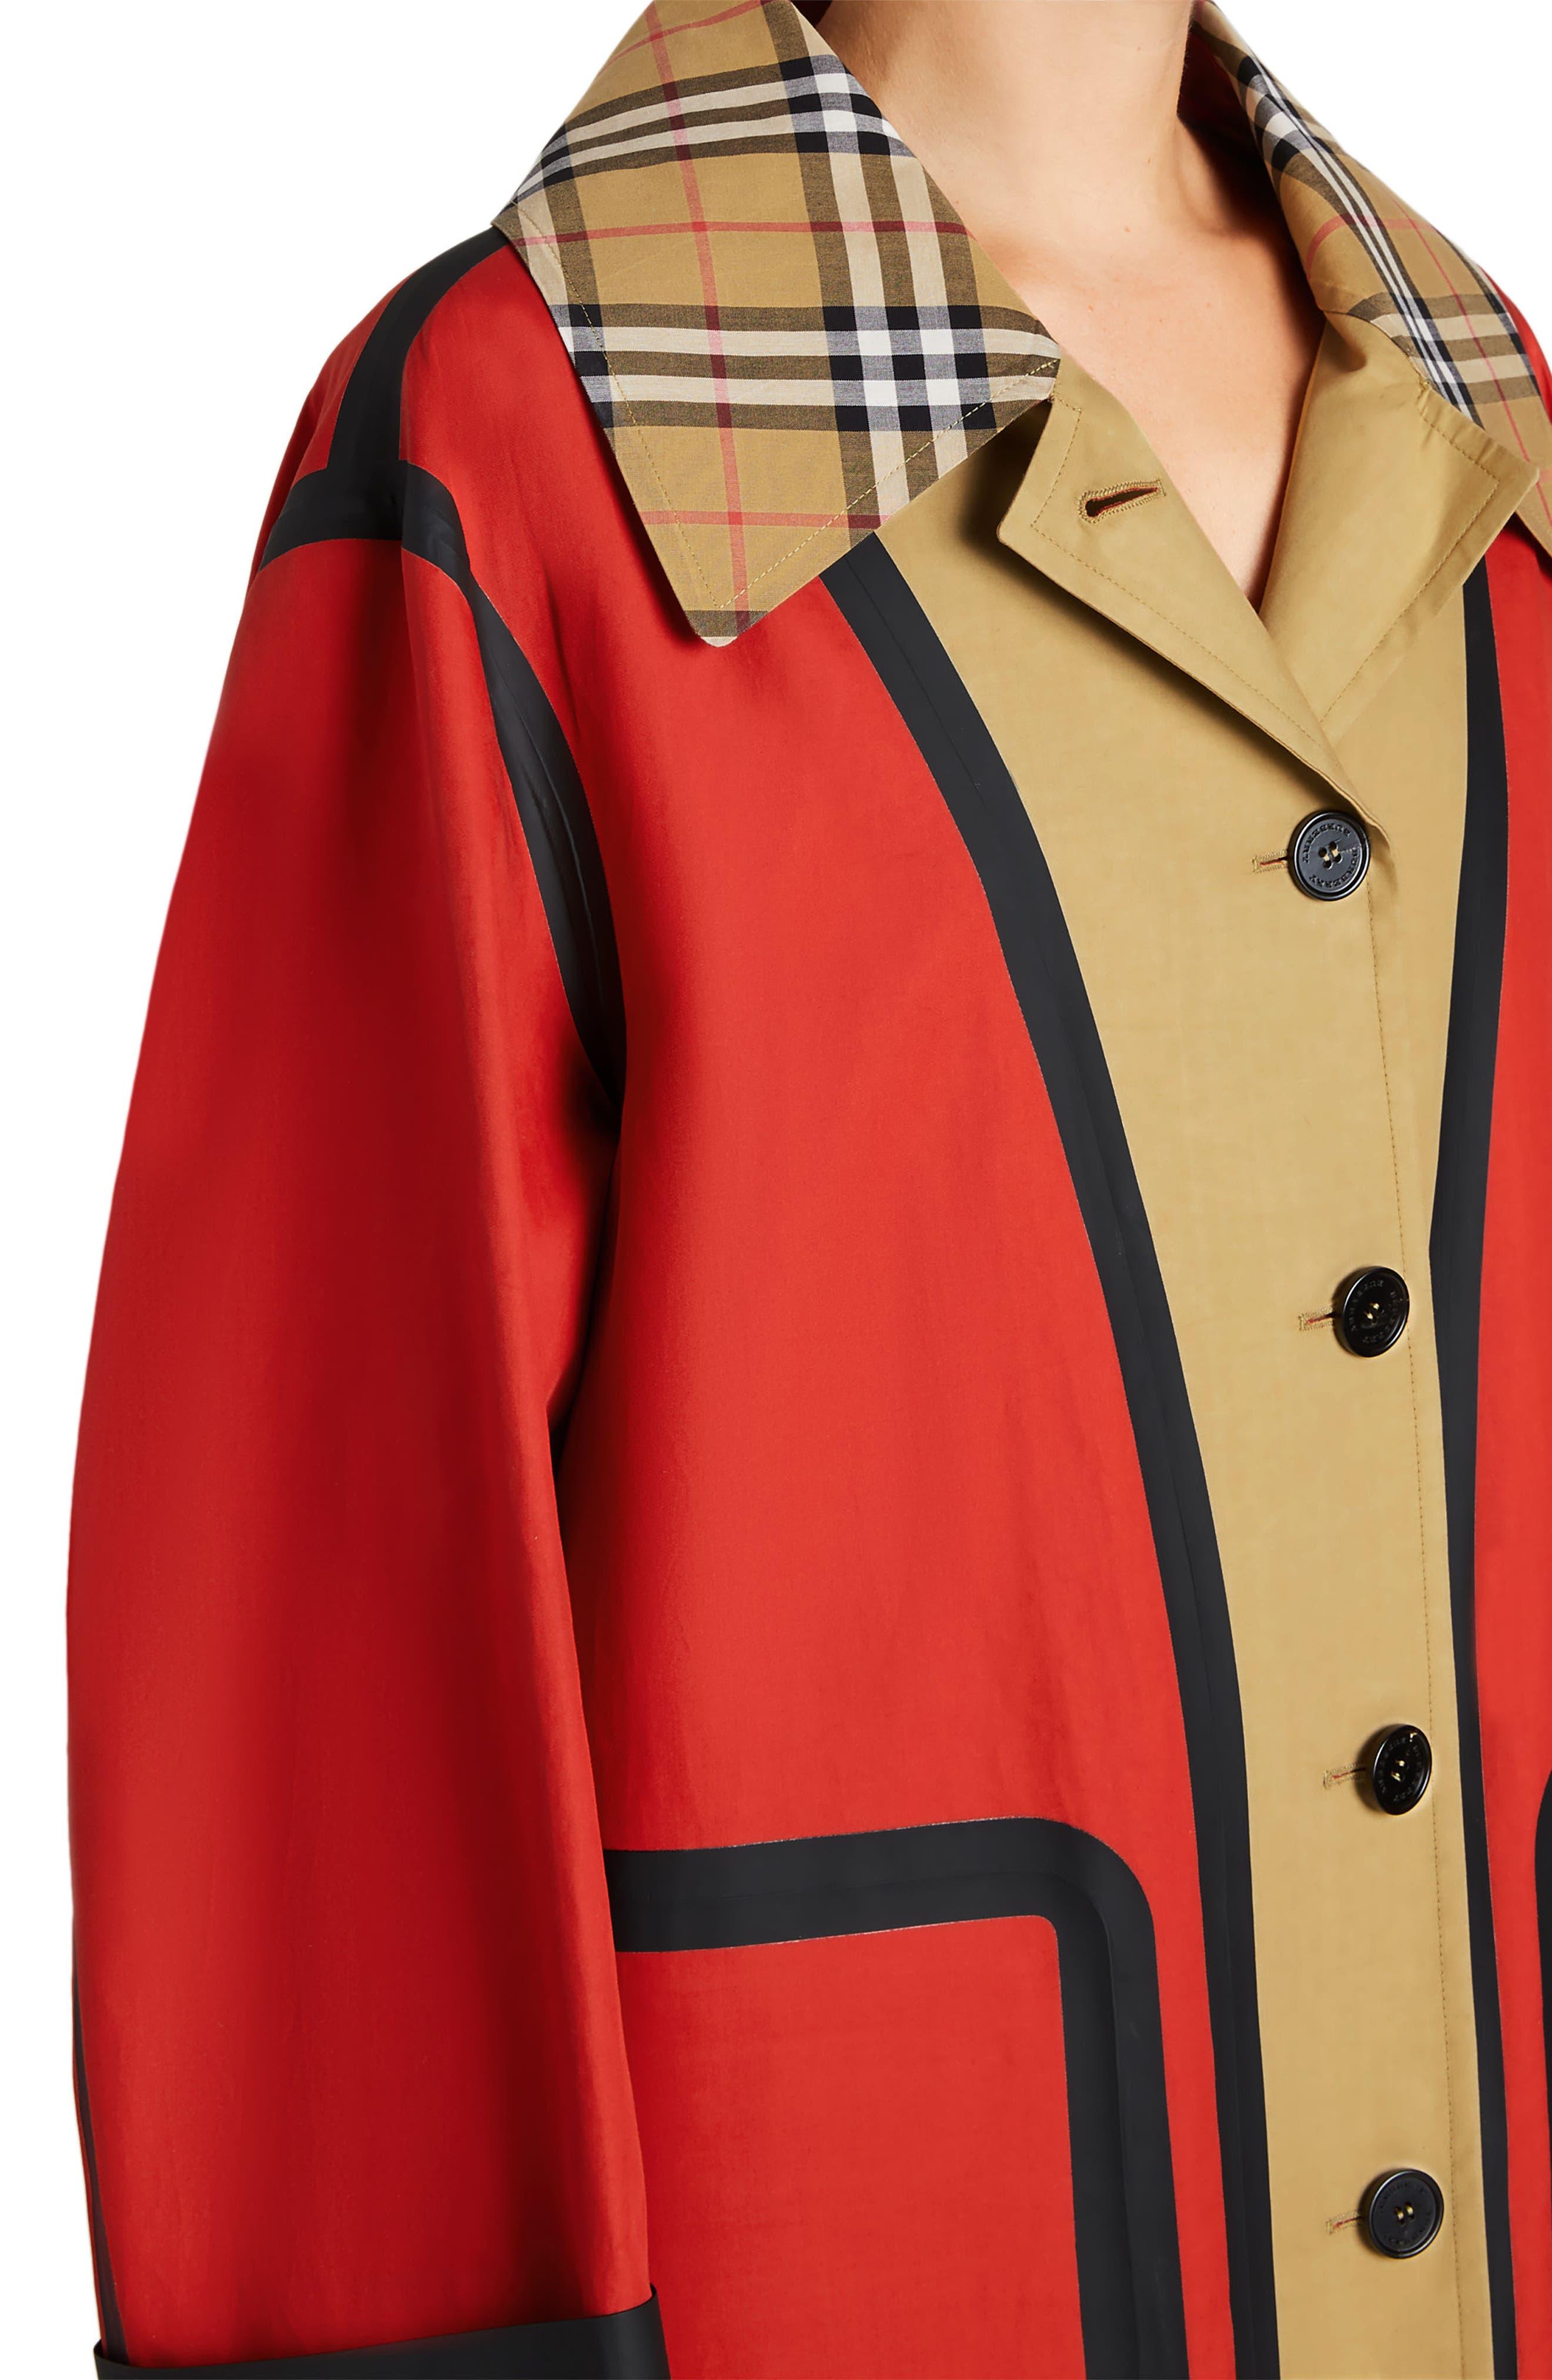 BURBERRY, Colorblock Cotton Car Coat, Alternate thumbnail 4, color, 600